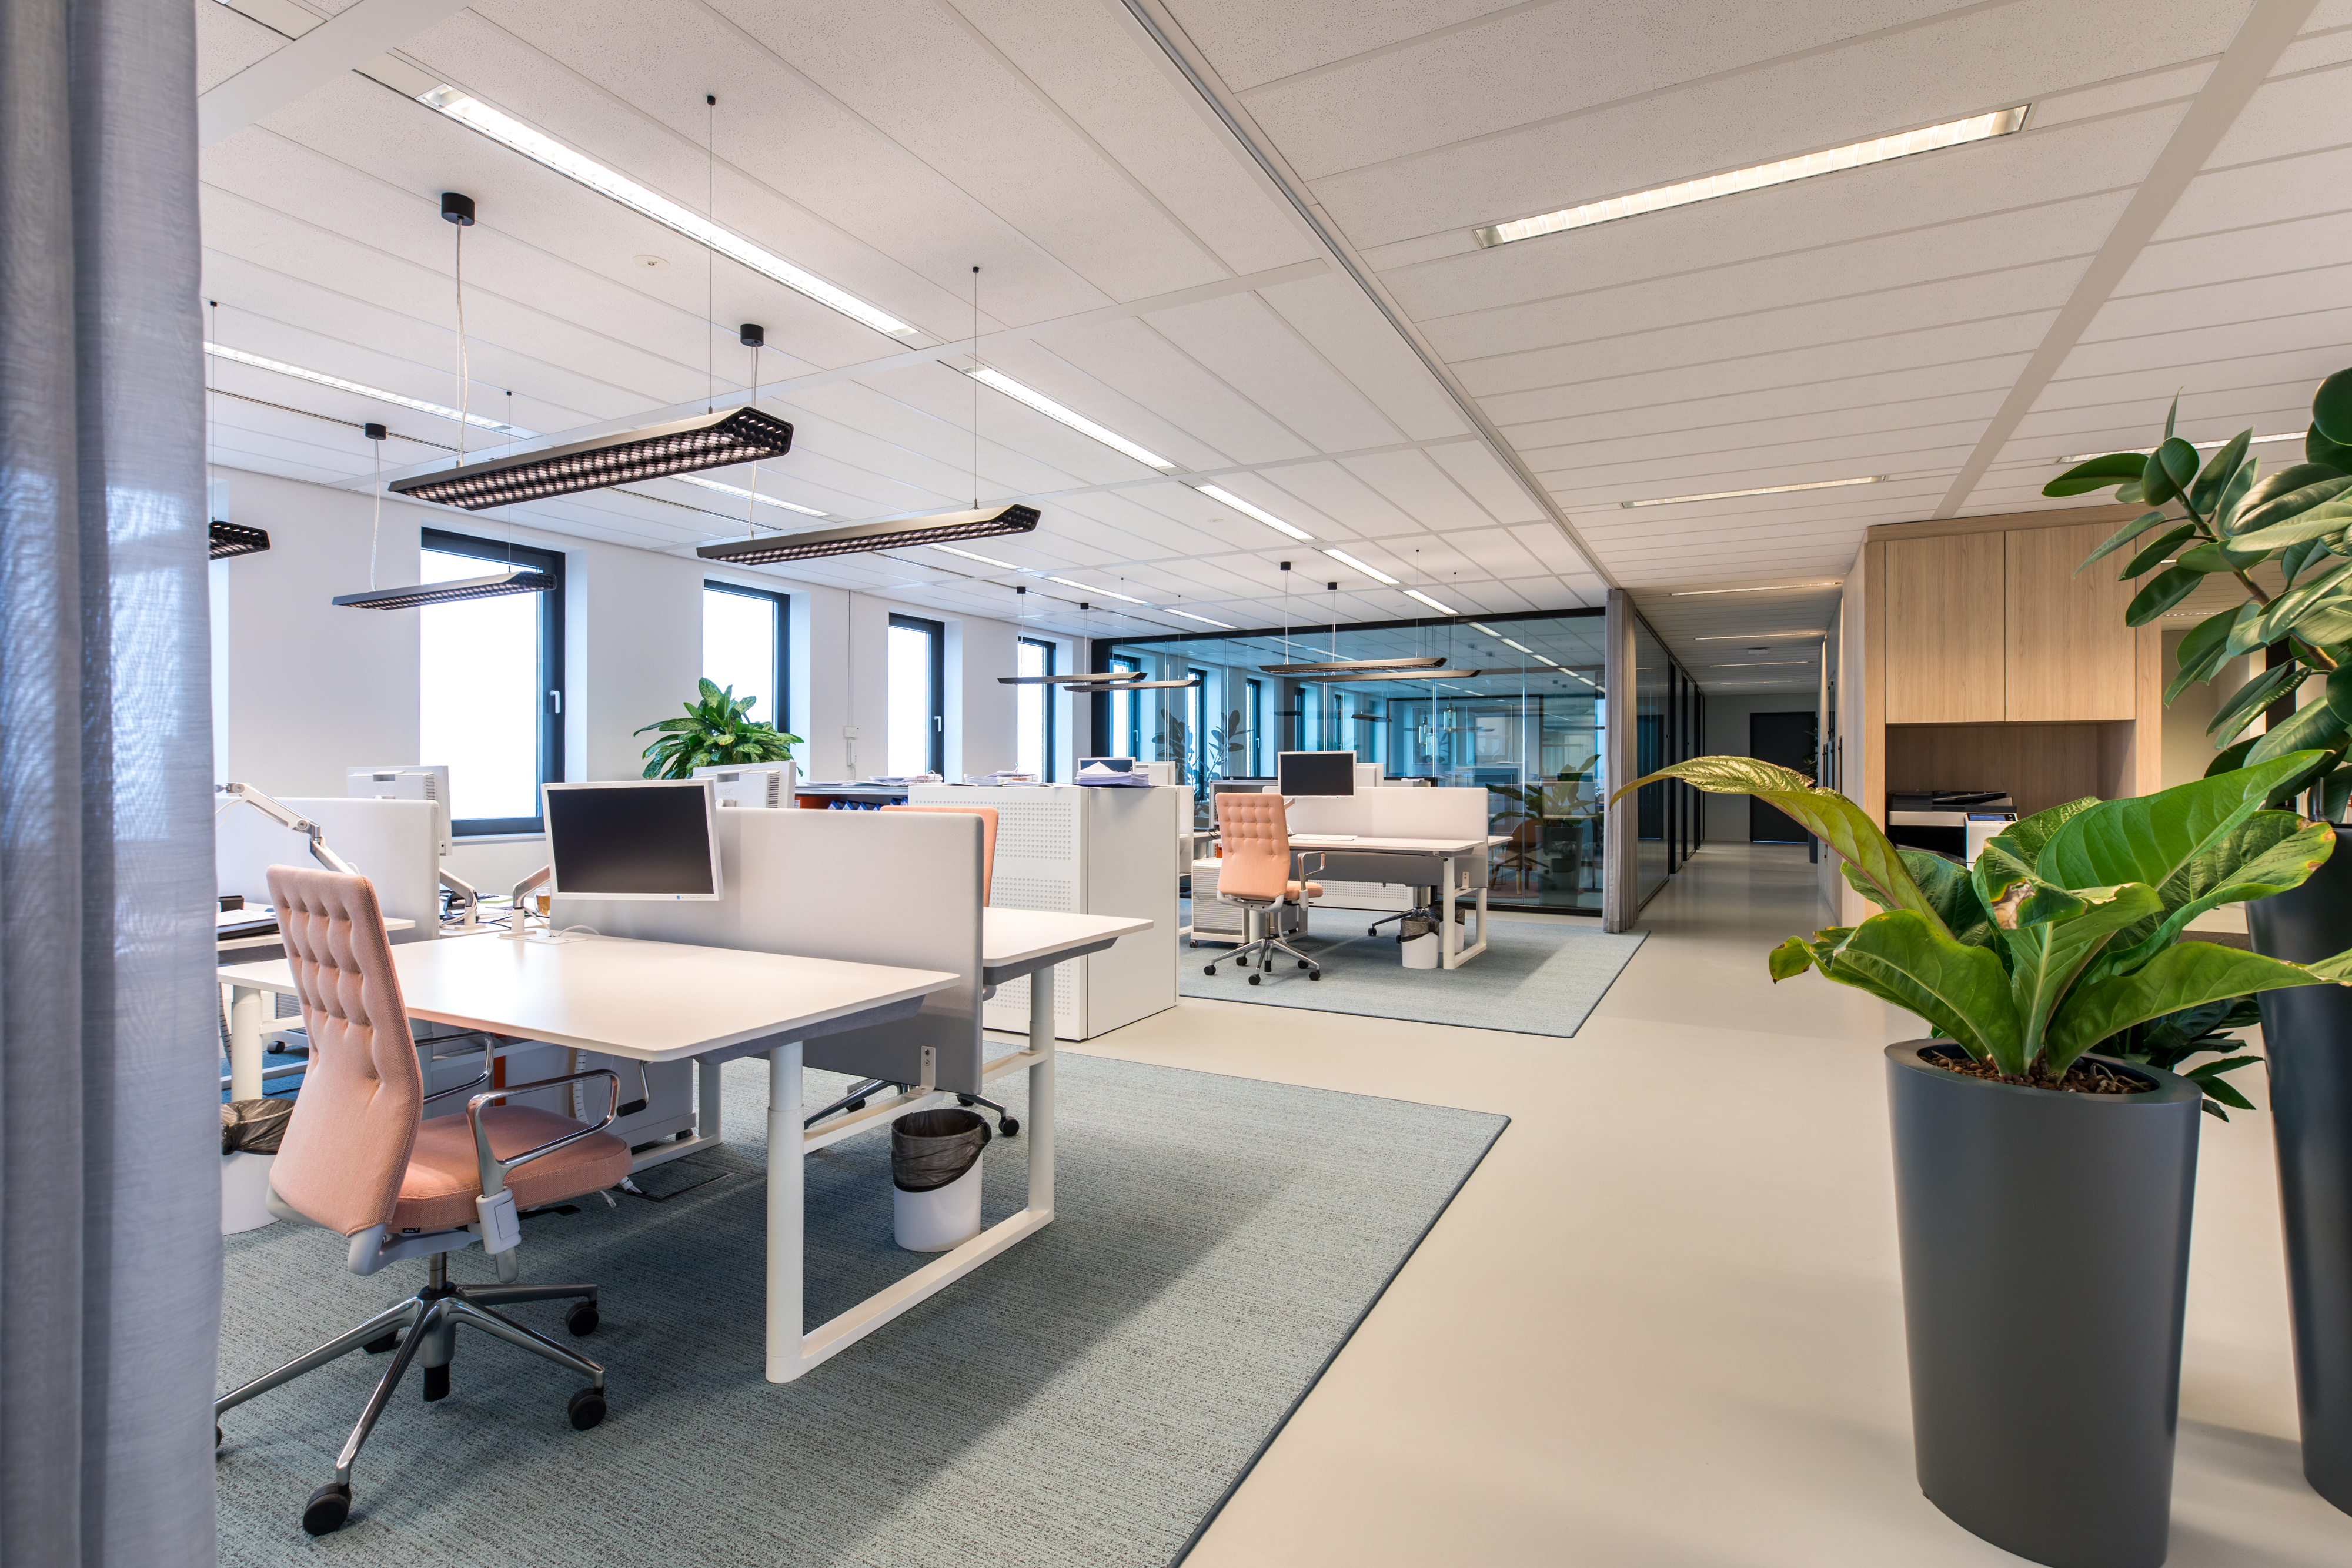 <p>Zone met werkplekken, &#8216;foto; Jan Buteijn&#8217;</p>